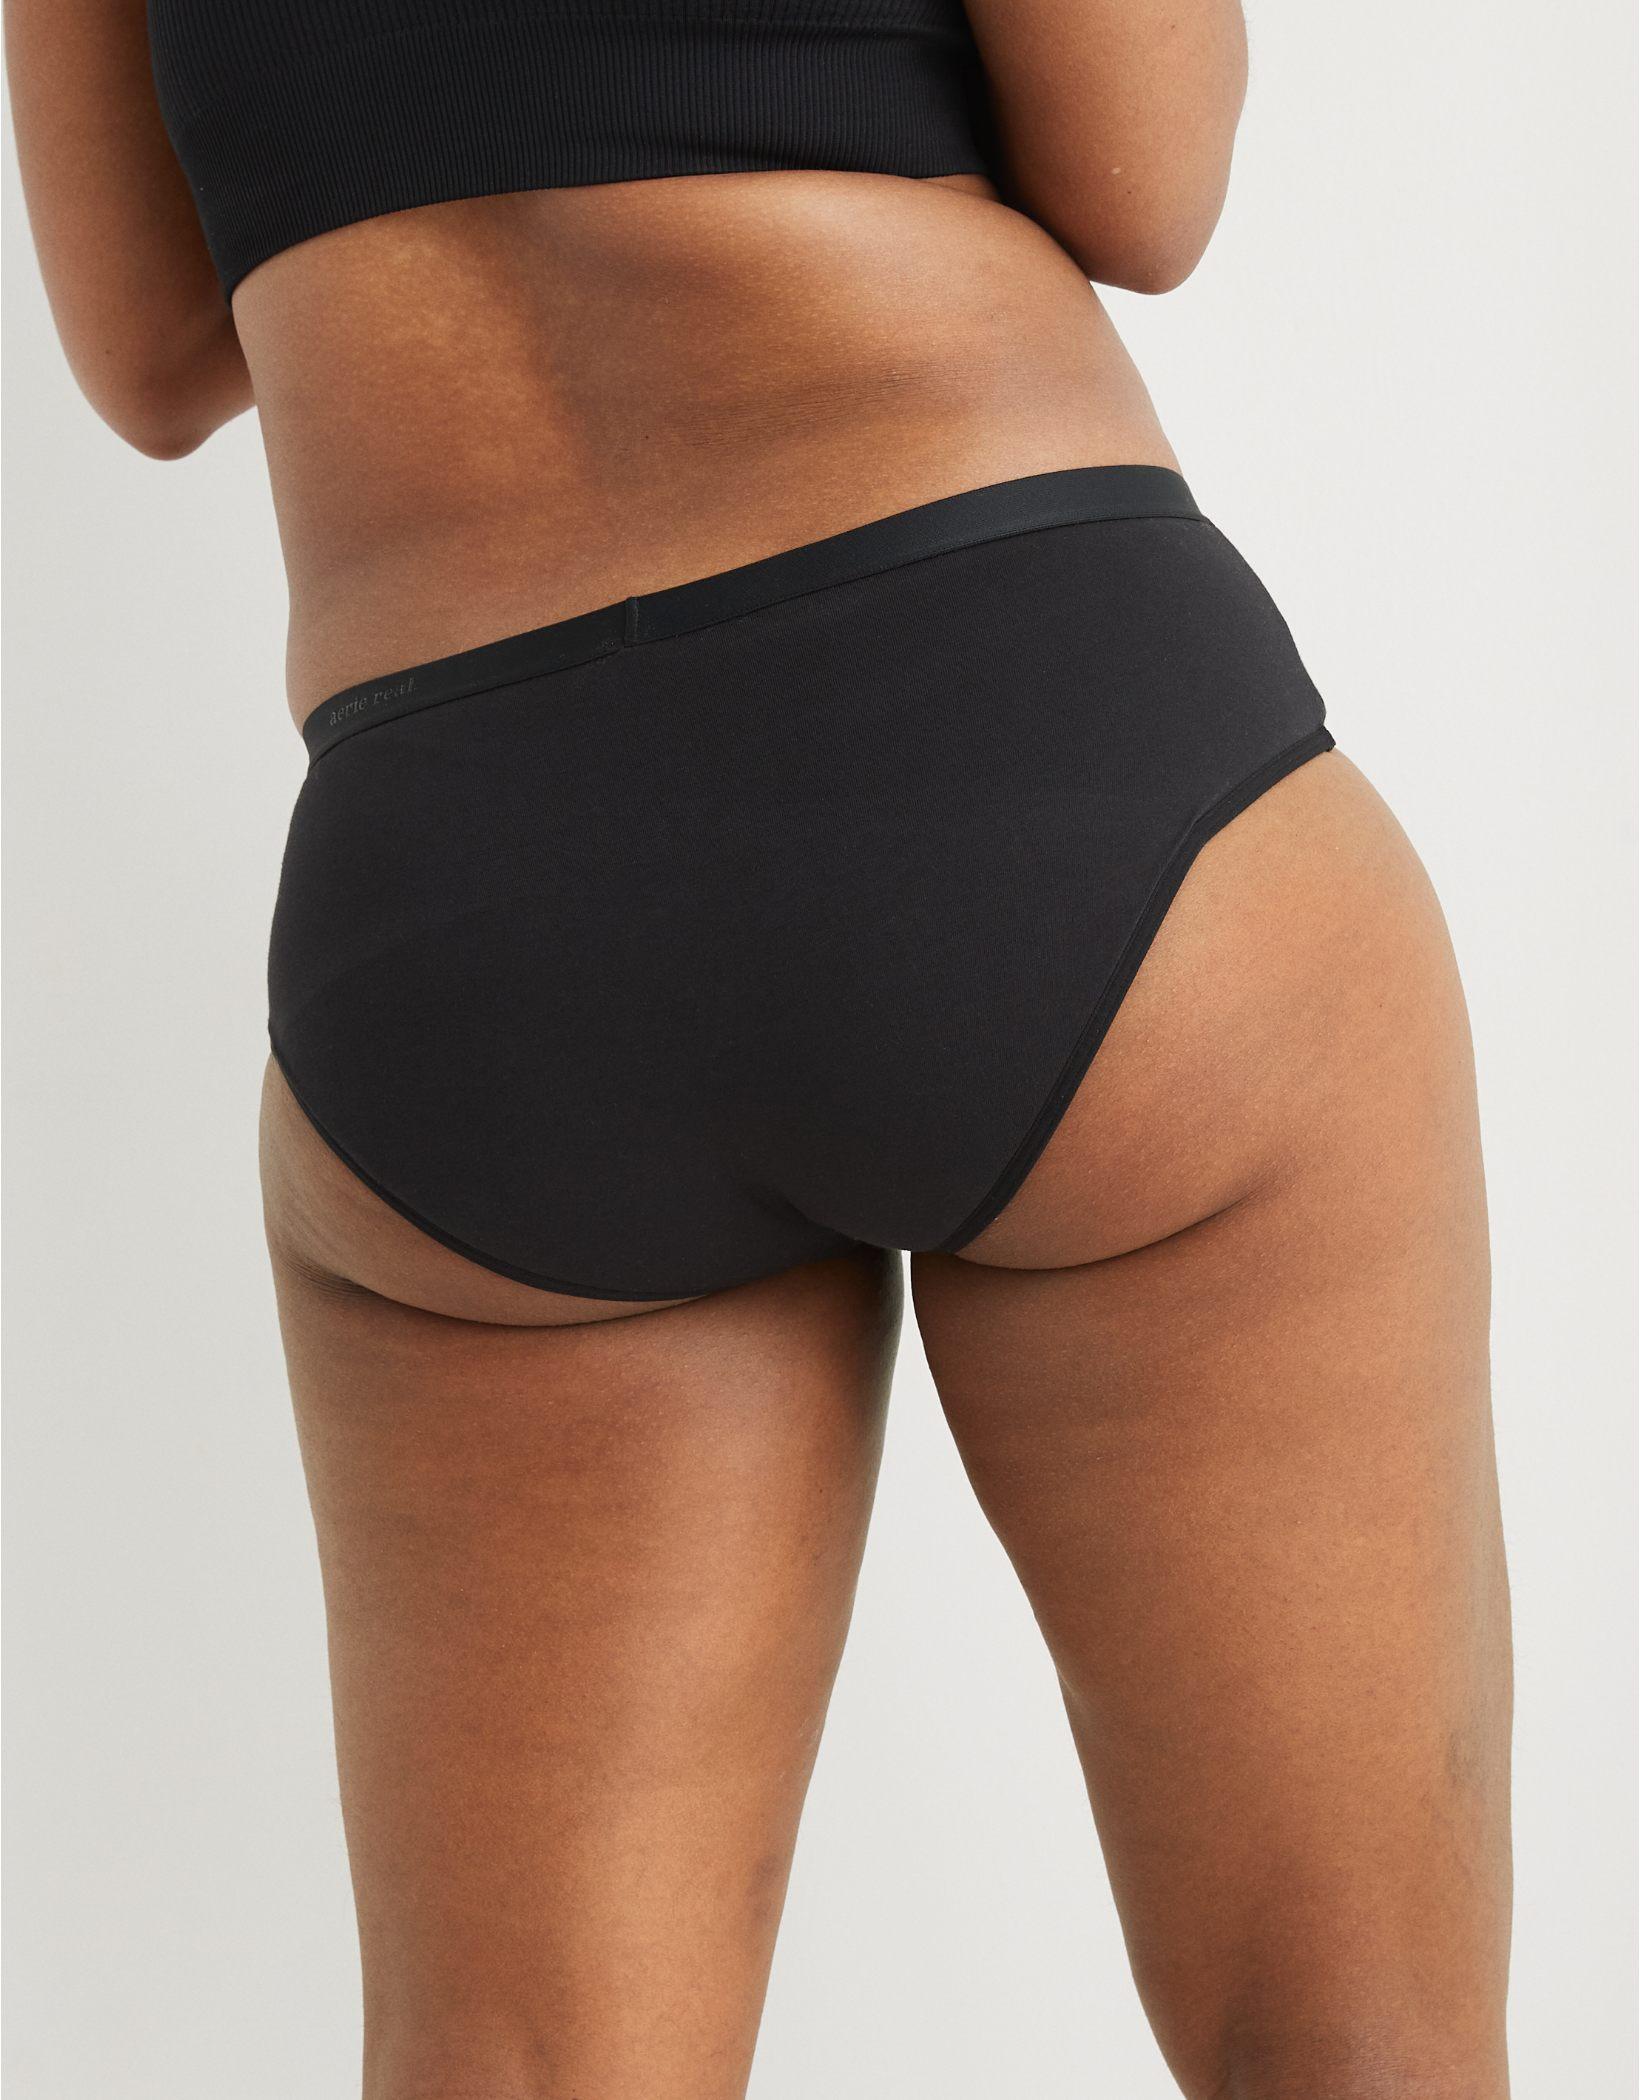 AerieREAL Period™ Underwear